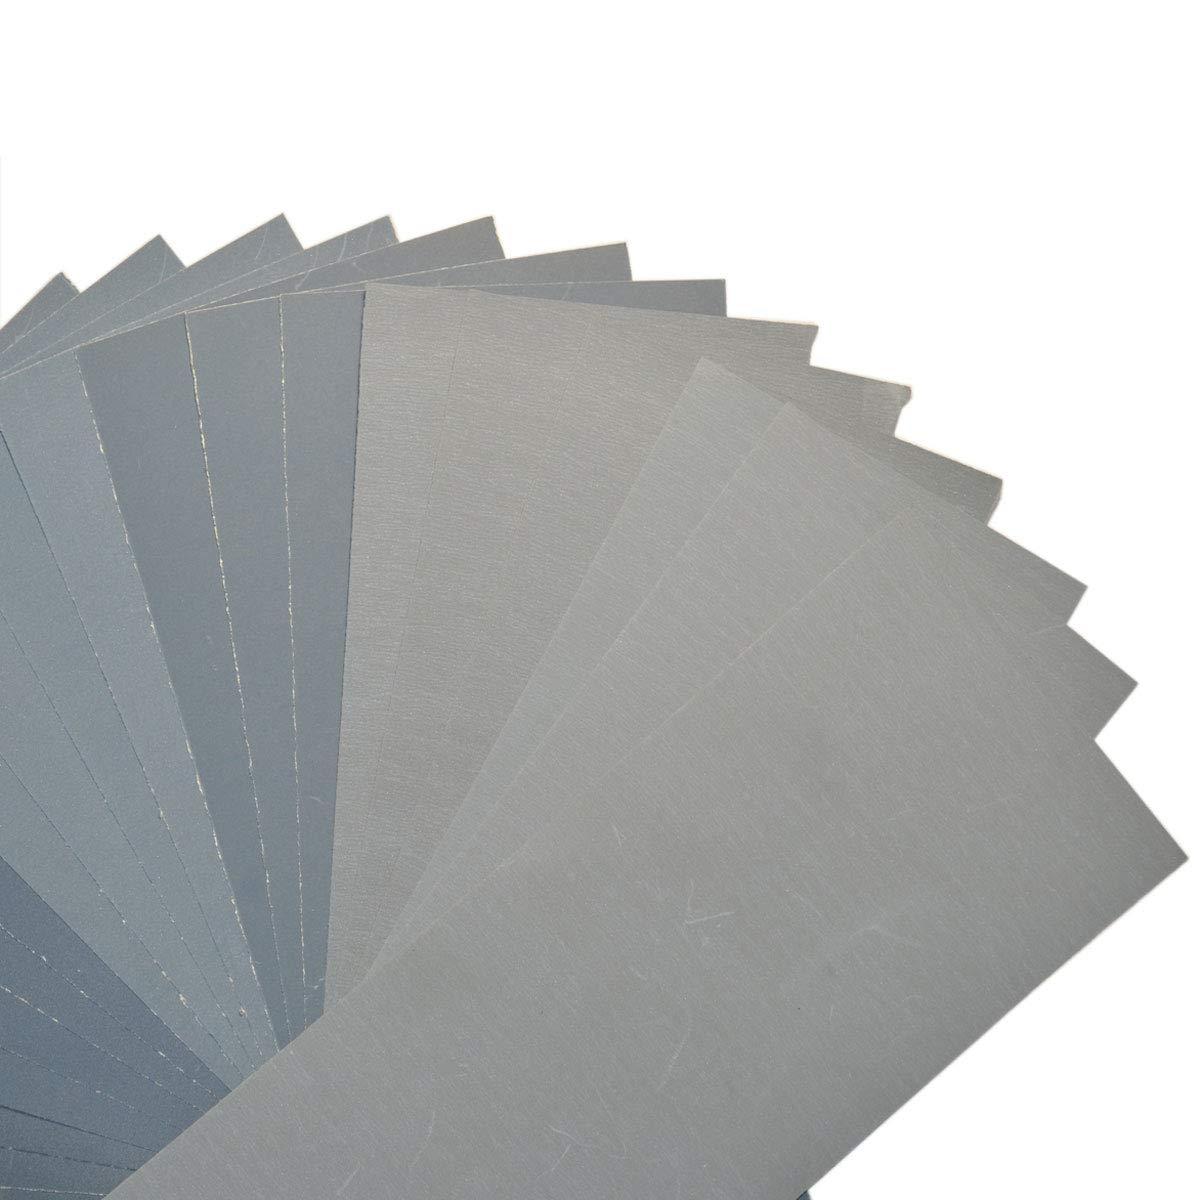 Amazon.com: 48 unidades de papel de lija de doble uso en ...